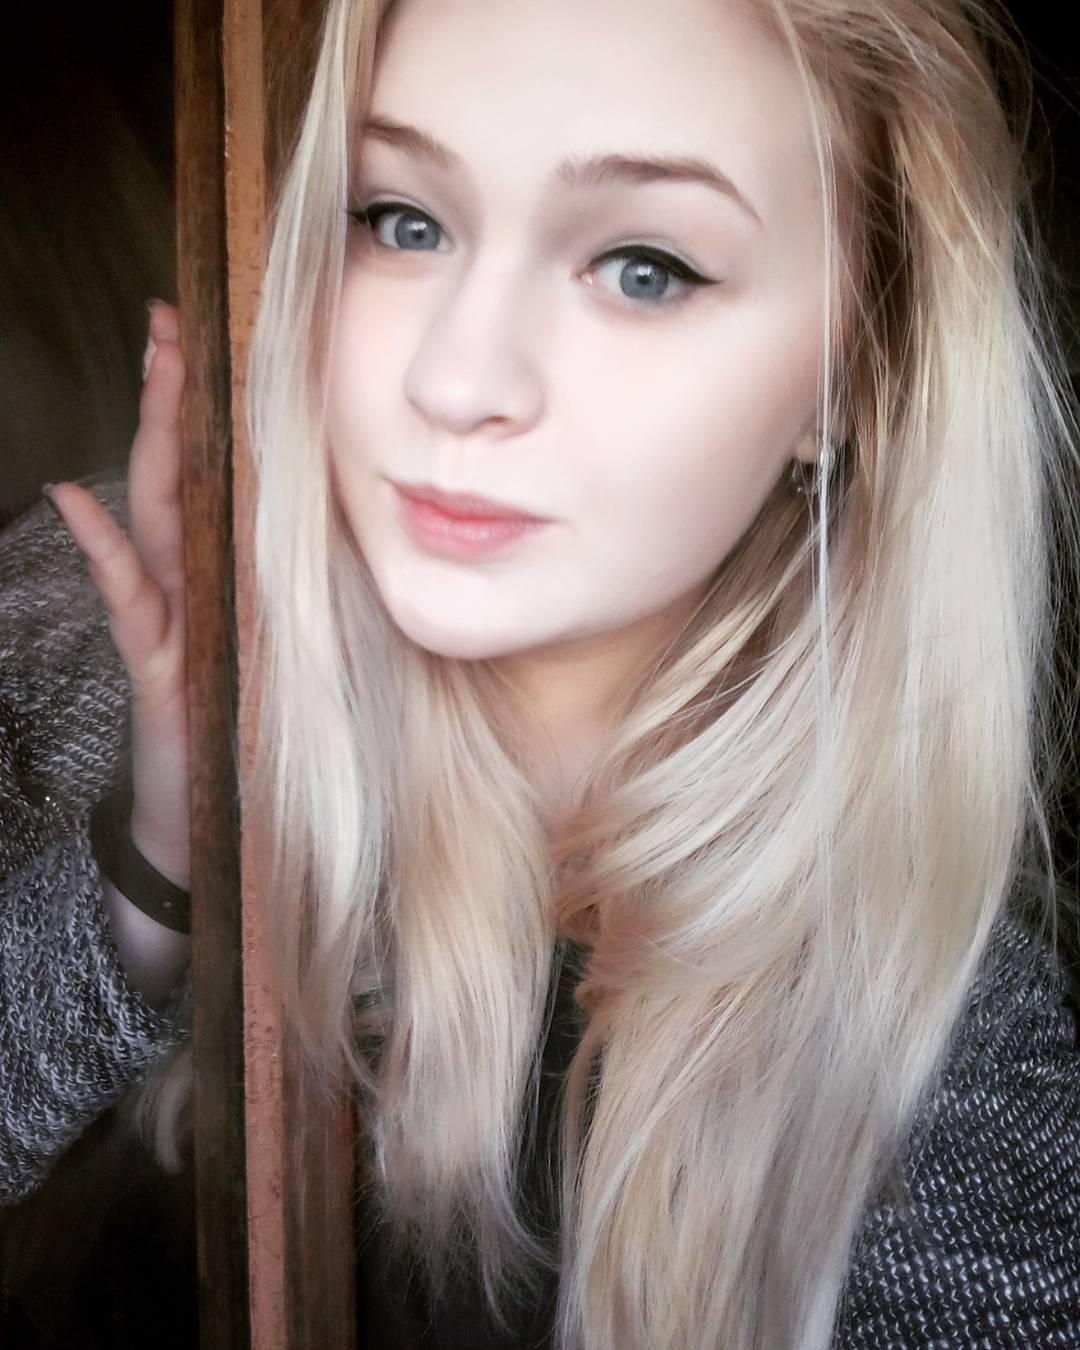 Blue eye woman huge twat xxx